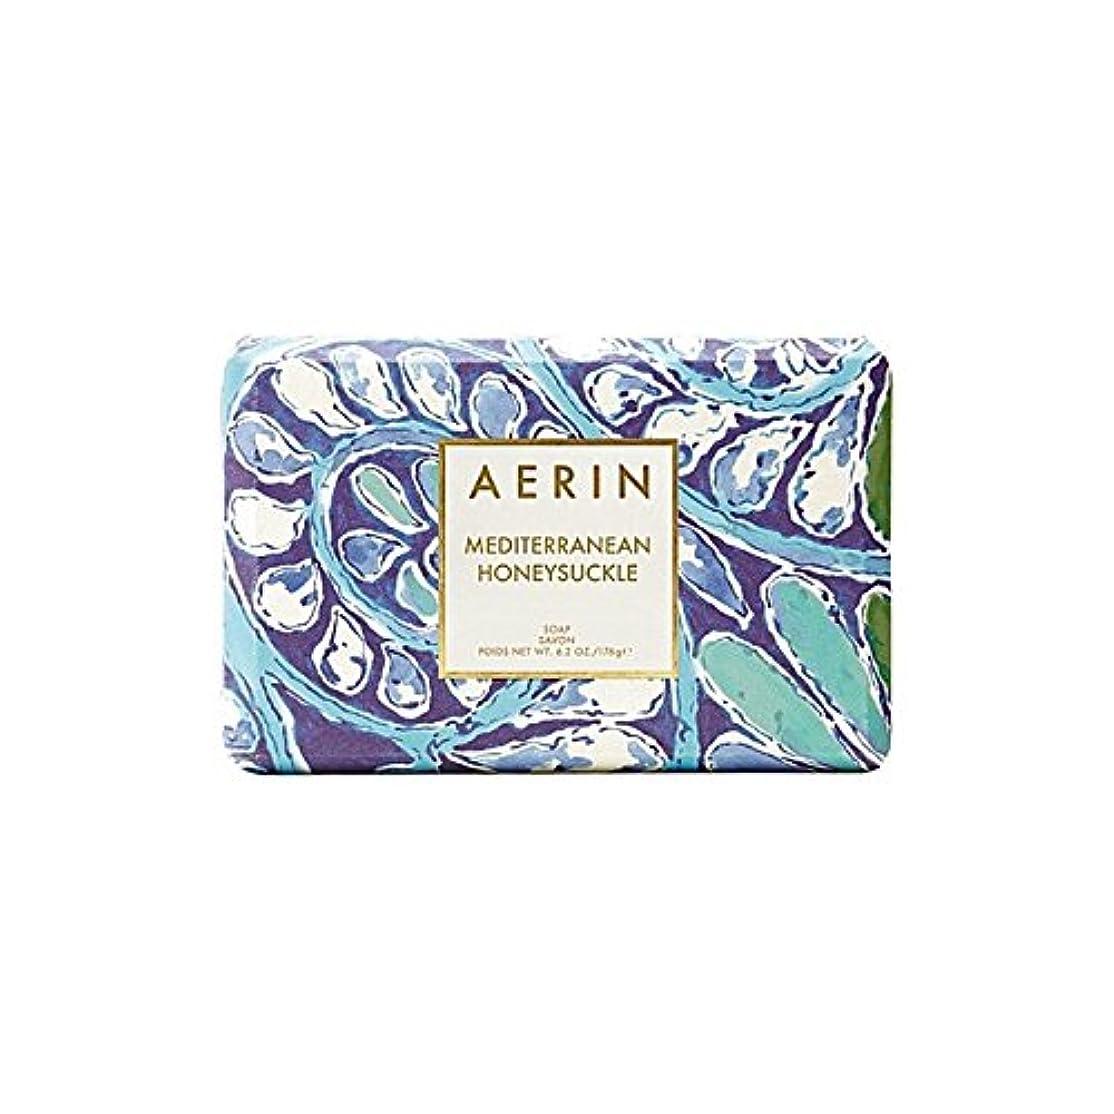 スイカズラ固形石鹸176グラム x4 - Aerin Mediterrenean Honeysuckle Bar Soap 176G (Pack of 4) [並行輸入品]